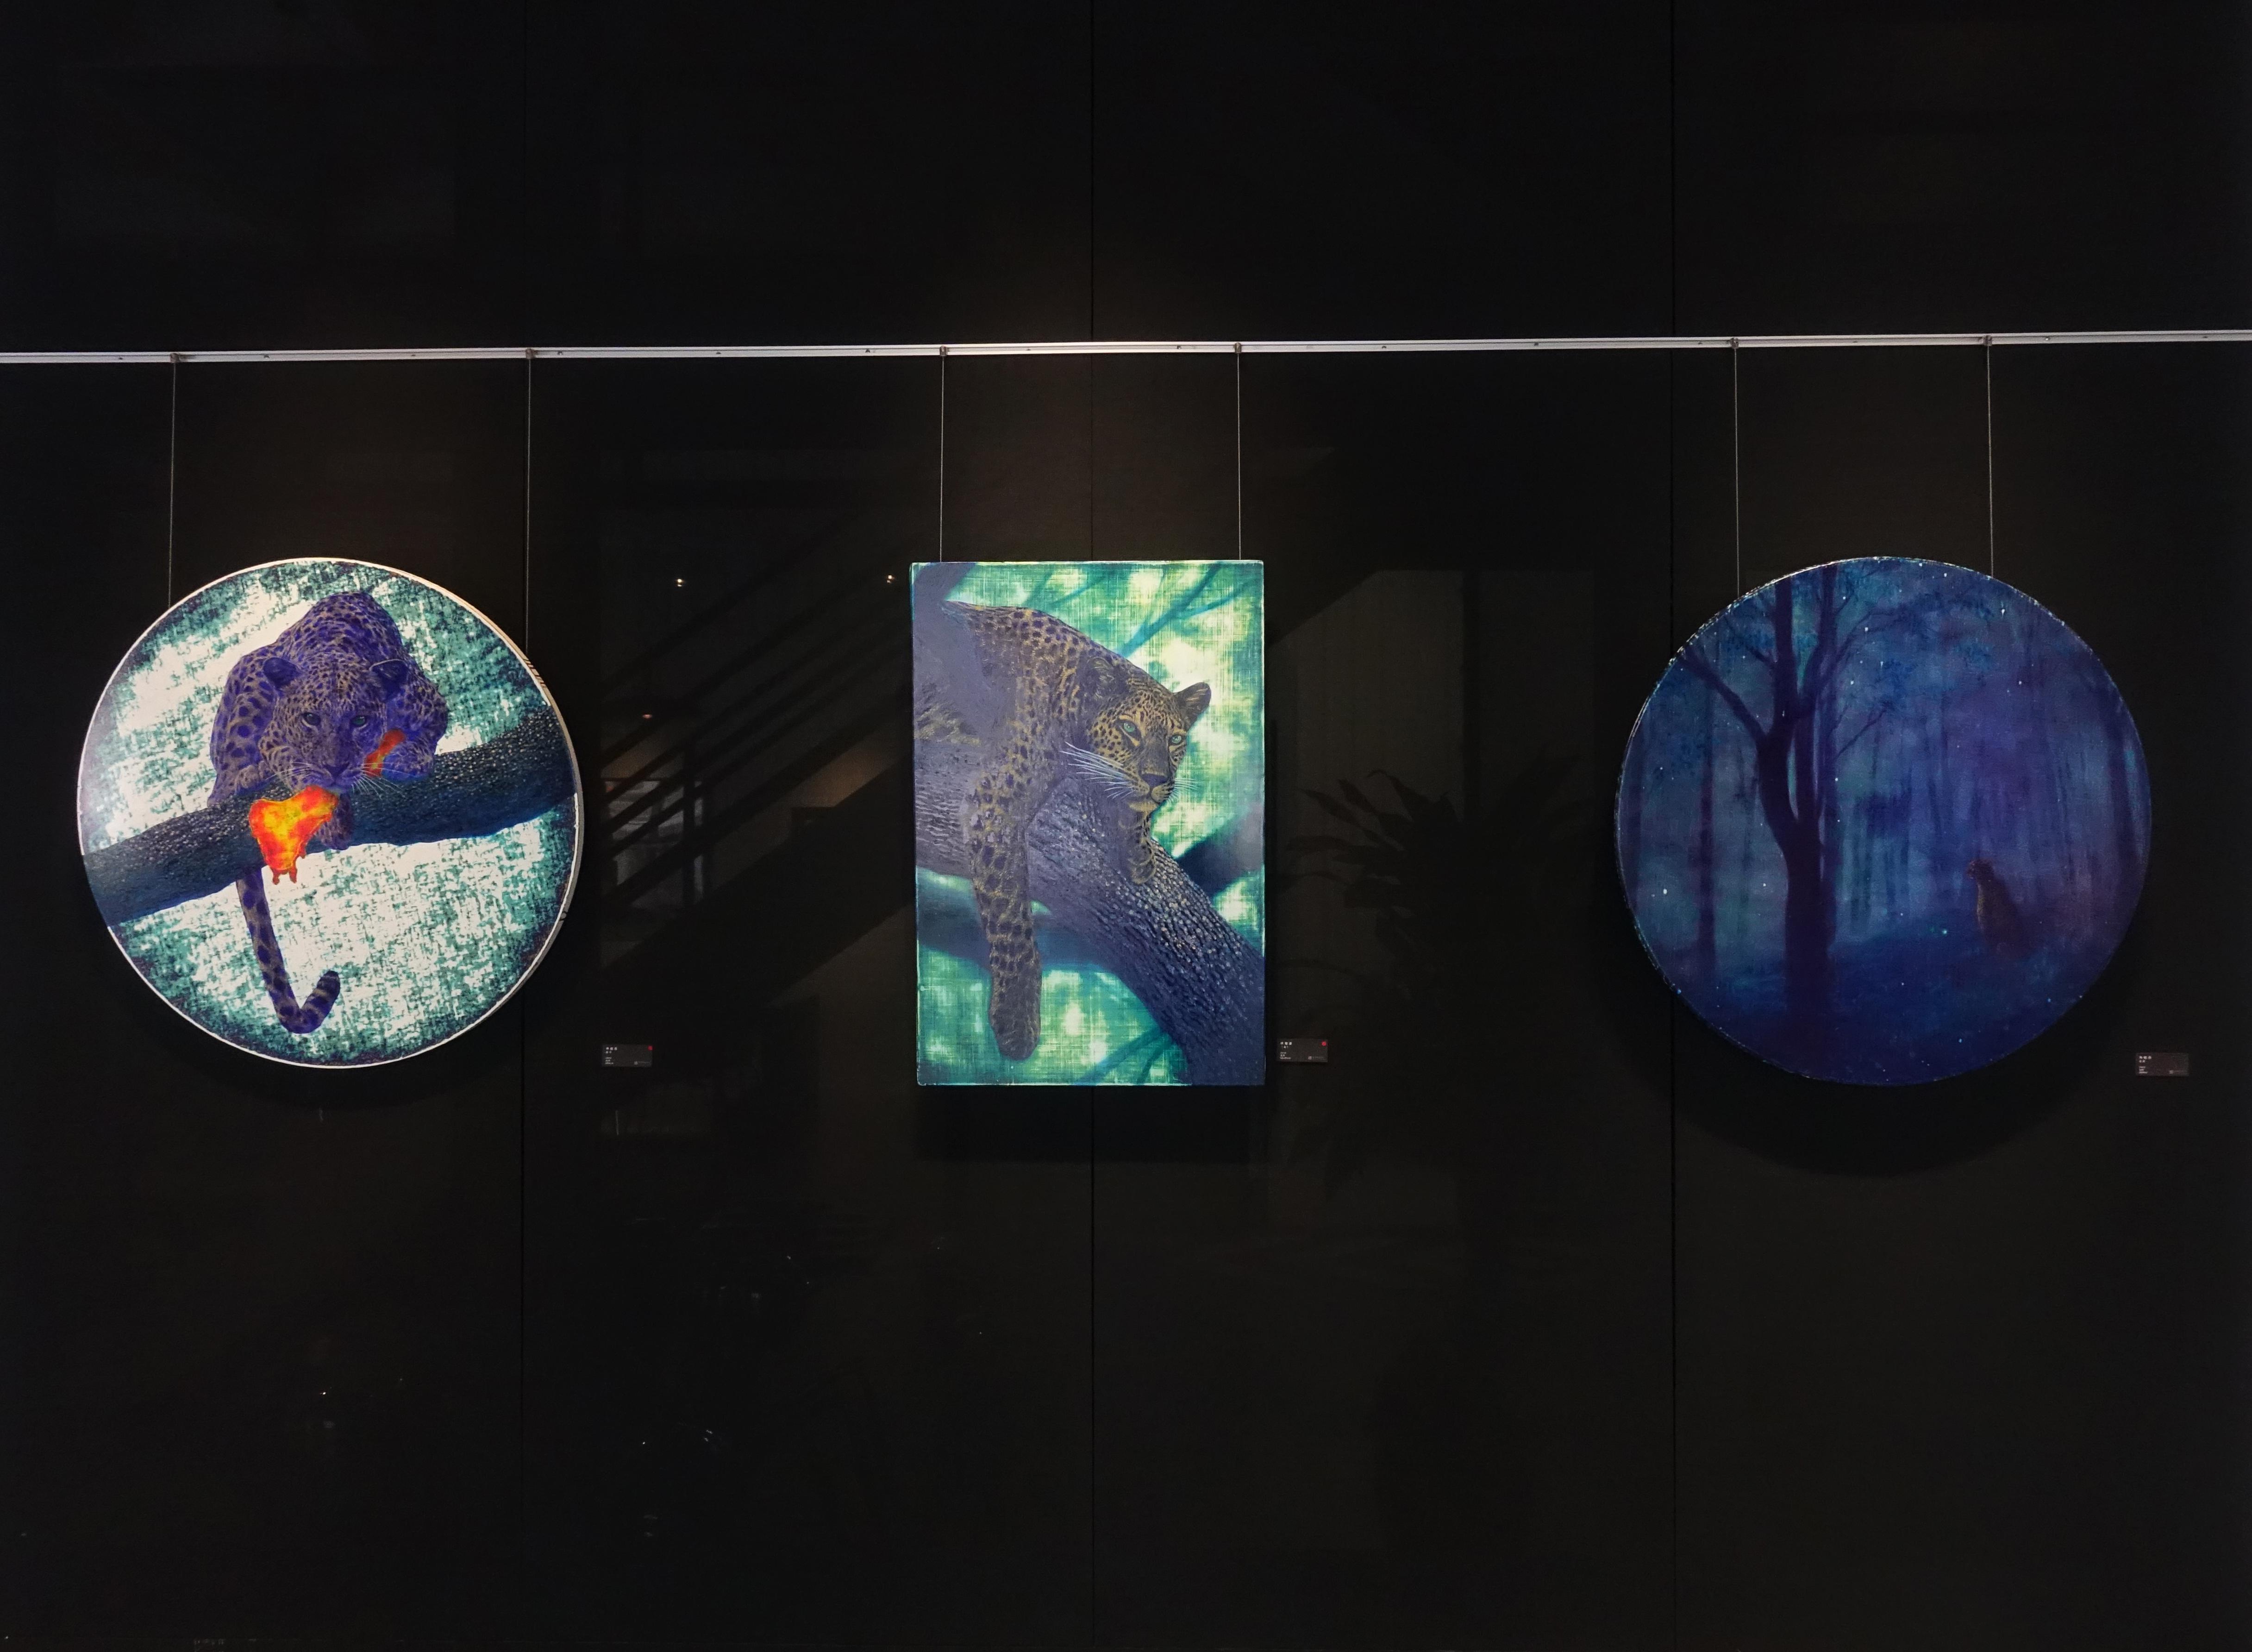 藝術家林煌彥於藝星藝術中心展出油畫系列作品。